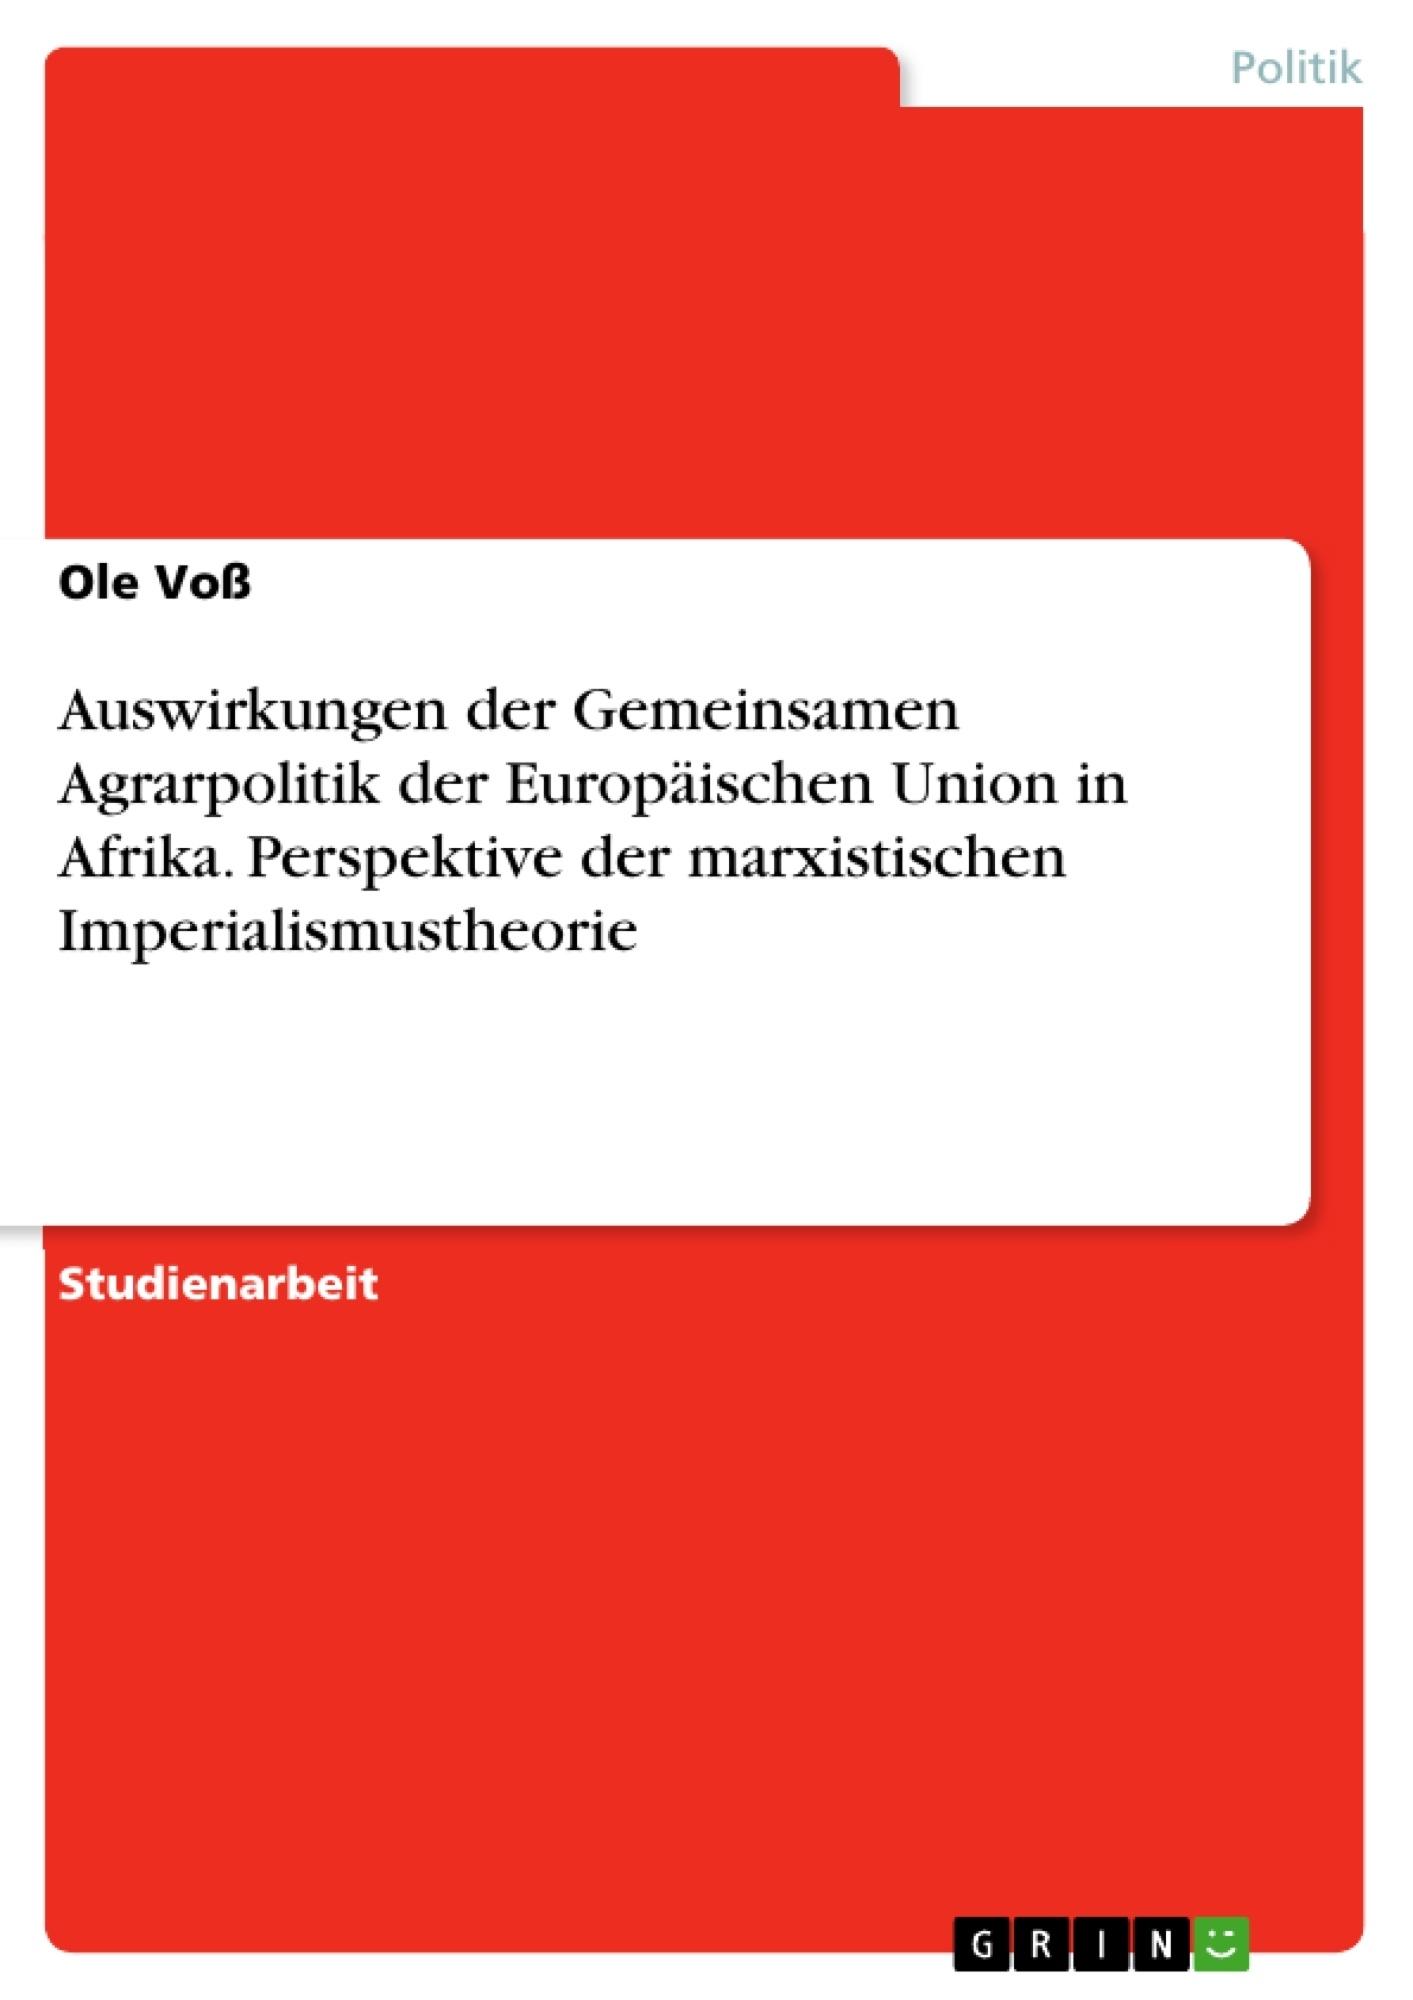 Titel: Auswirkungen der Gemeinsamen Agrarpolitik der Europäischen Union in Afrika. Perspektive der marxistischen Imperialismustheorie